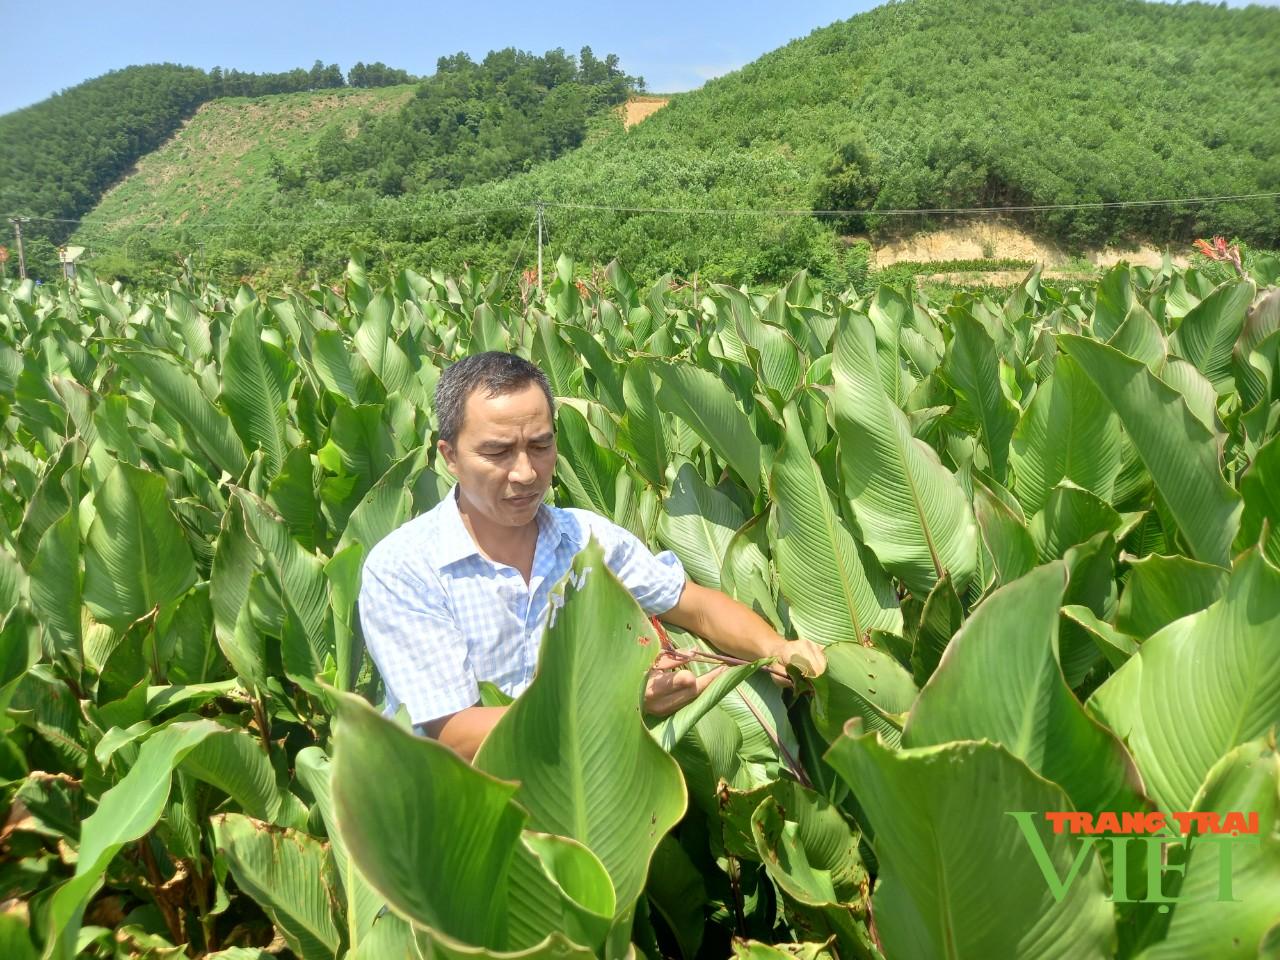 Hội Nông dân tỉnh Hoà Bình: Tập huấn, hỗ trợ hội viên phát triển kinh tế - Ảnh 4.